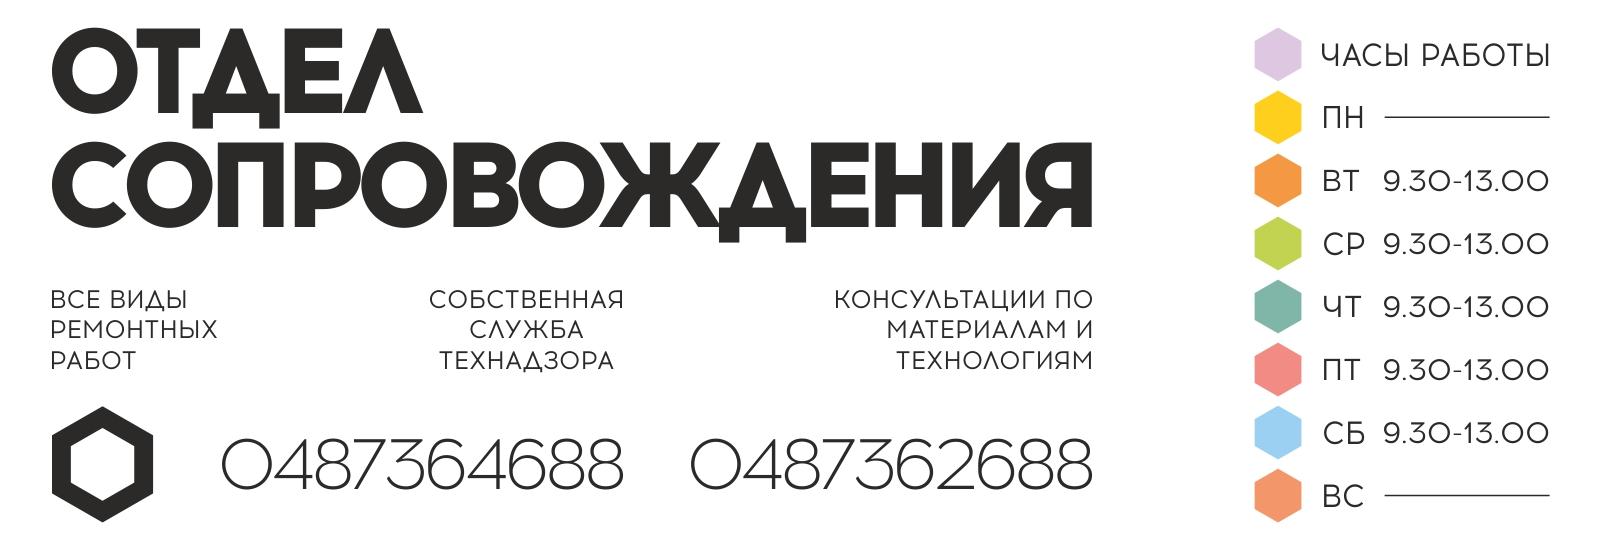 tablichki_1600_550_otdel_soprovozhdeniya.jpg